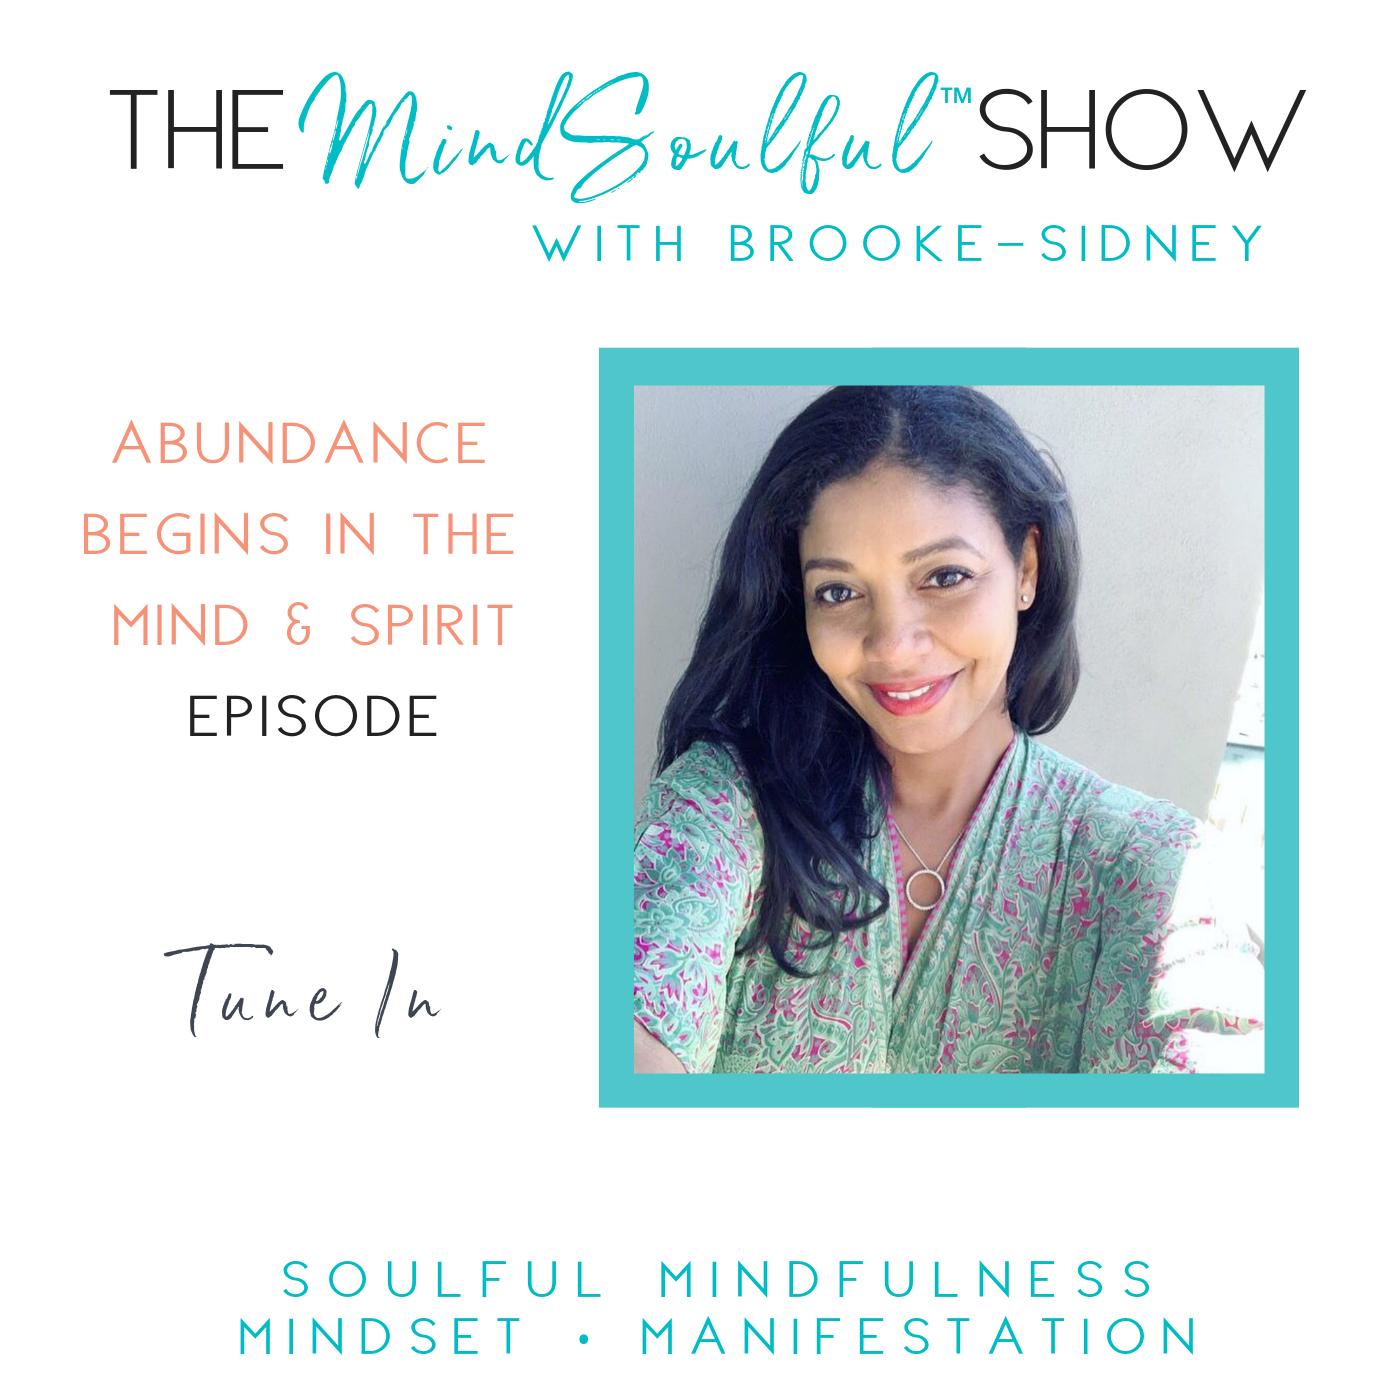 The MindSoulful Show - ABUNDANCE BEGINS IN THE MIND & SPIRIT EPISODE.png